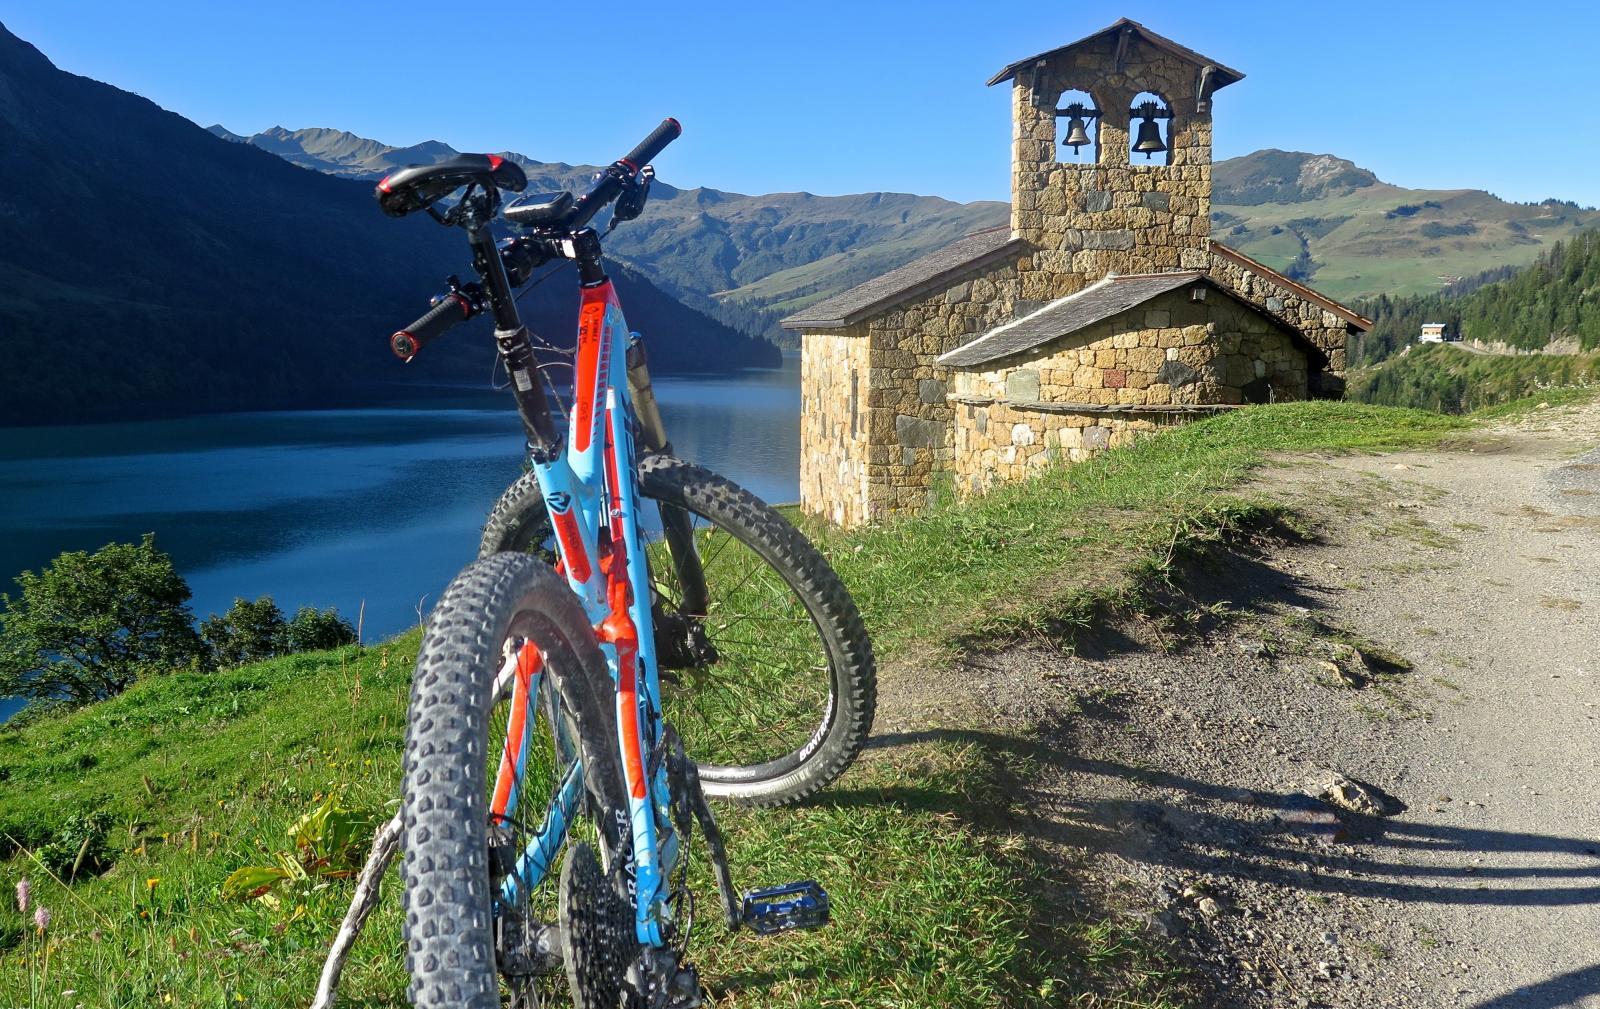 Roseland Lake & my bike